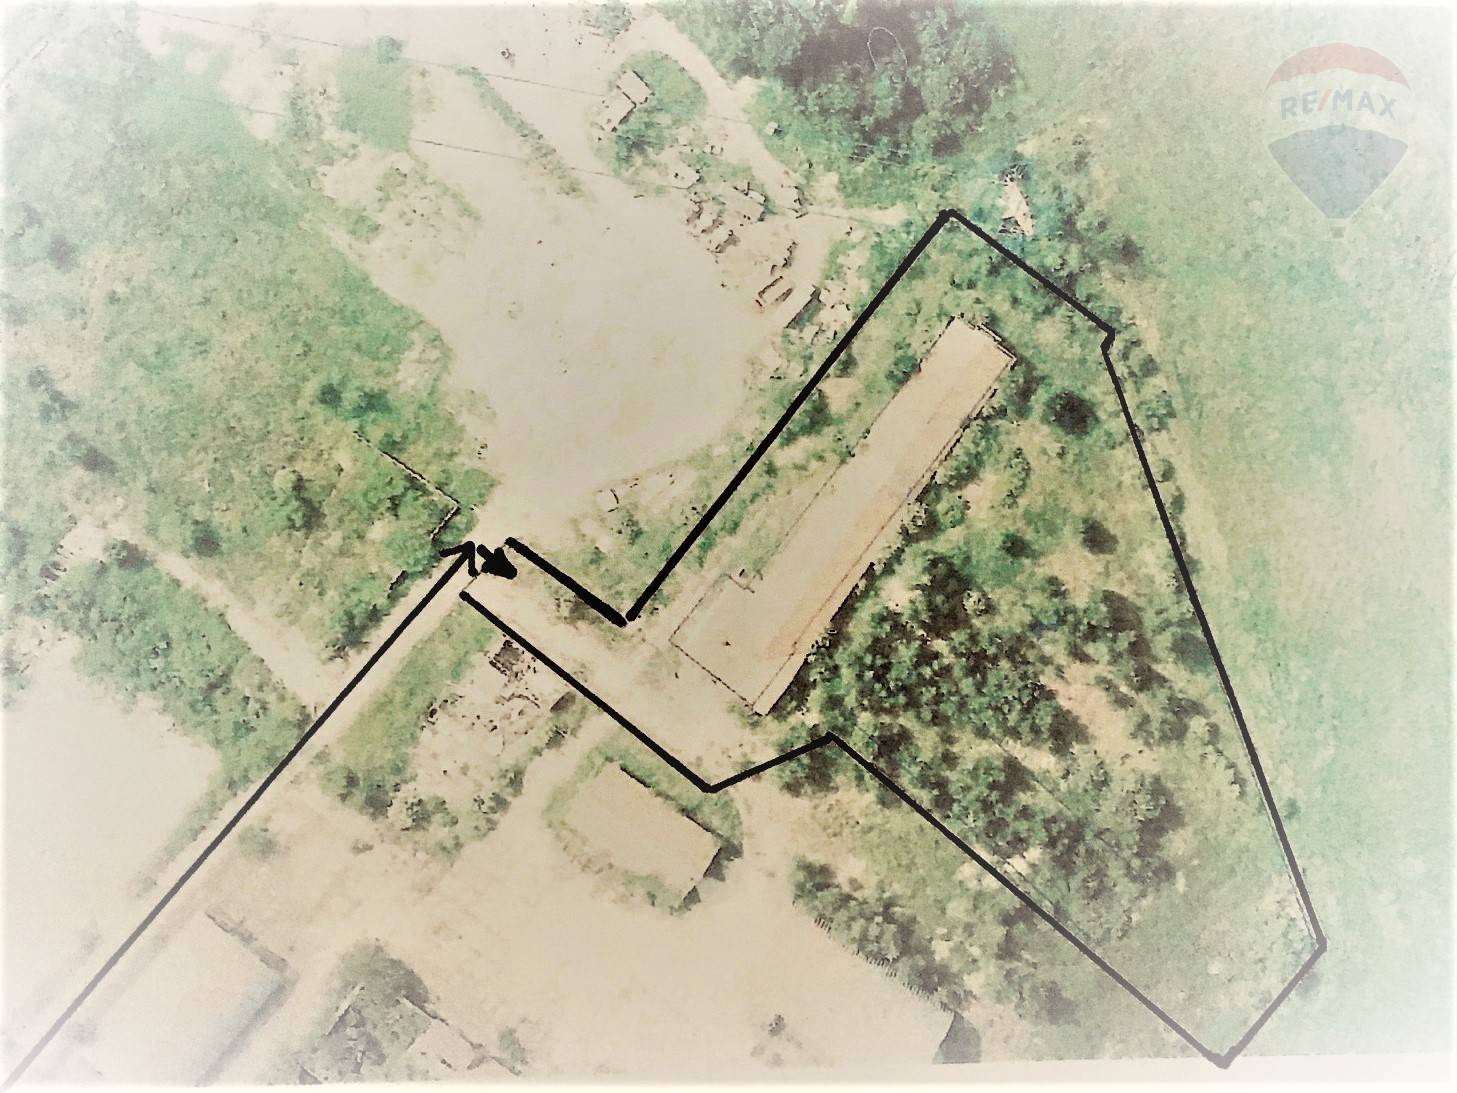 Investičný pozemok vo Vajnoroch 7 567 m2/Investment land in Vajnory 7,567 m2/Investitionsgrundstück in Vajnory 7.567 m2/Инвестиционная земля в Вайнорах 7567 м2